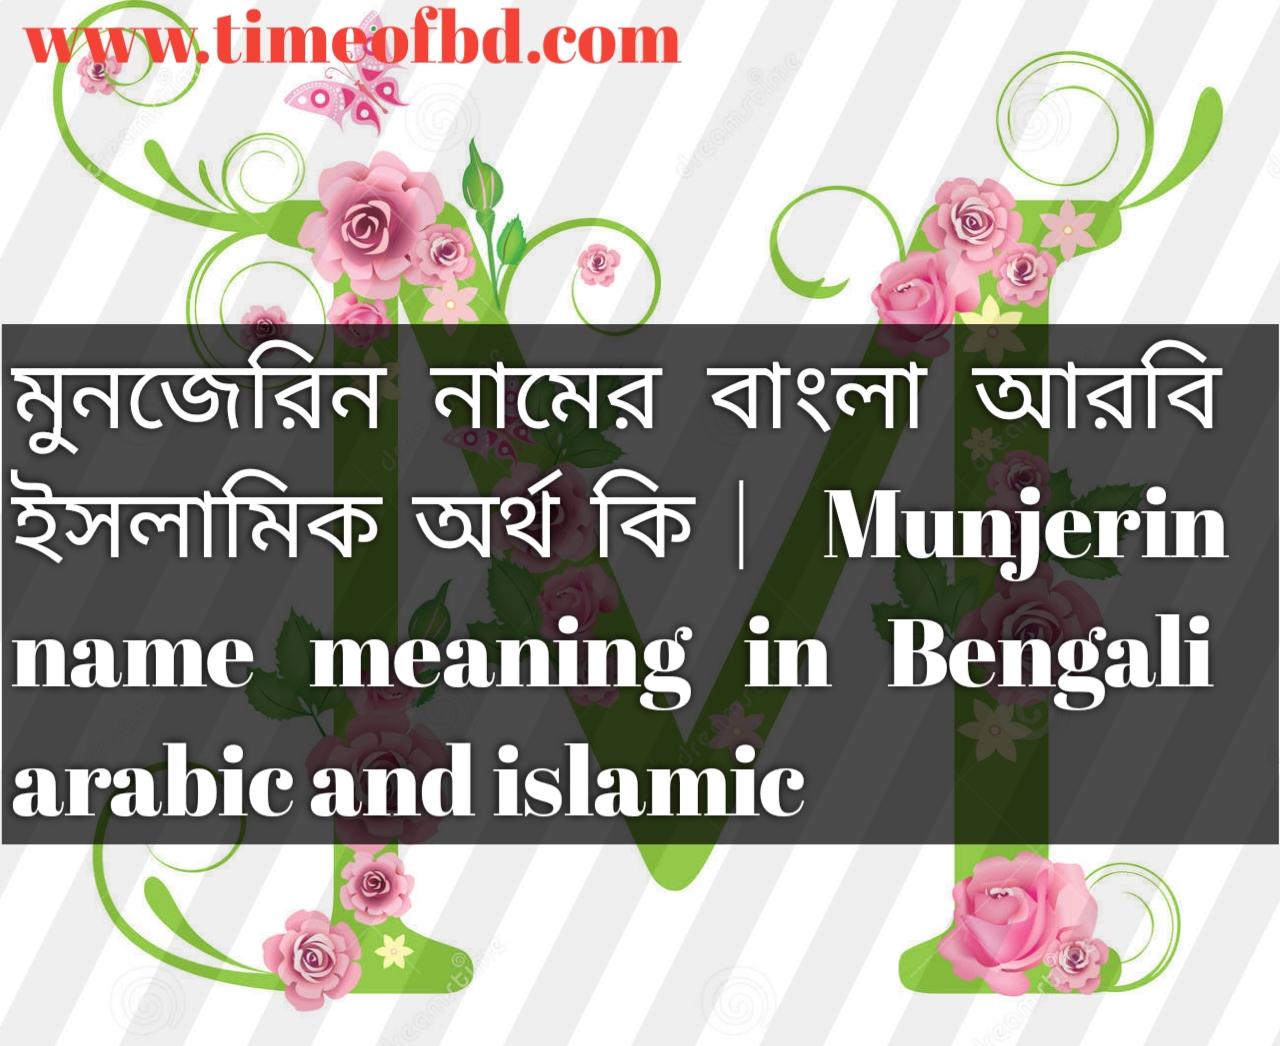 মুনজেরিন নামের অর্থ কি, মুনজেরিন নামের বাংলা অর্থ কি, মুনজেরিন নামের ইসলামিক অর্থ কি, Munjerin name in Bengali, মুনজেরিন কি ইসলামিক নাম,